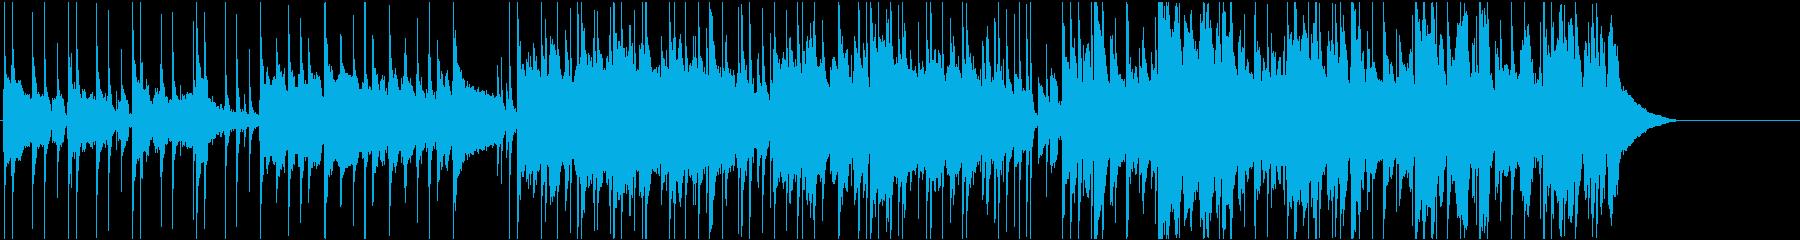 英語女性明るいポップ ピアノBPM100の再生済みの波形